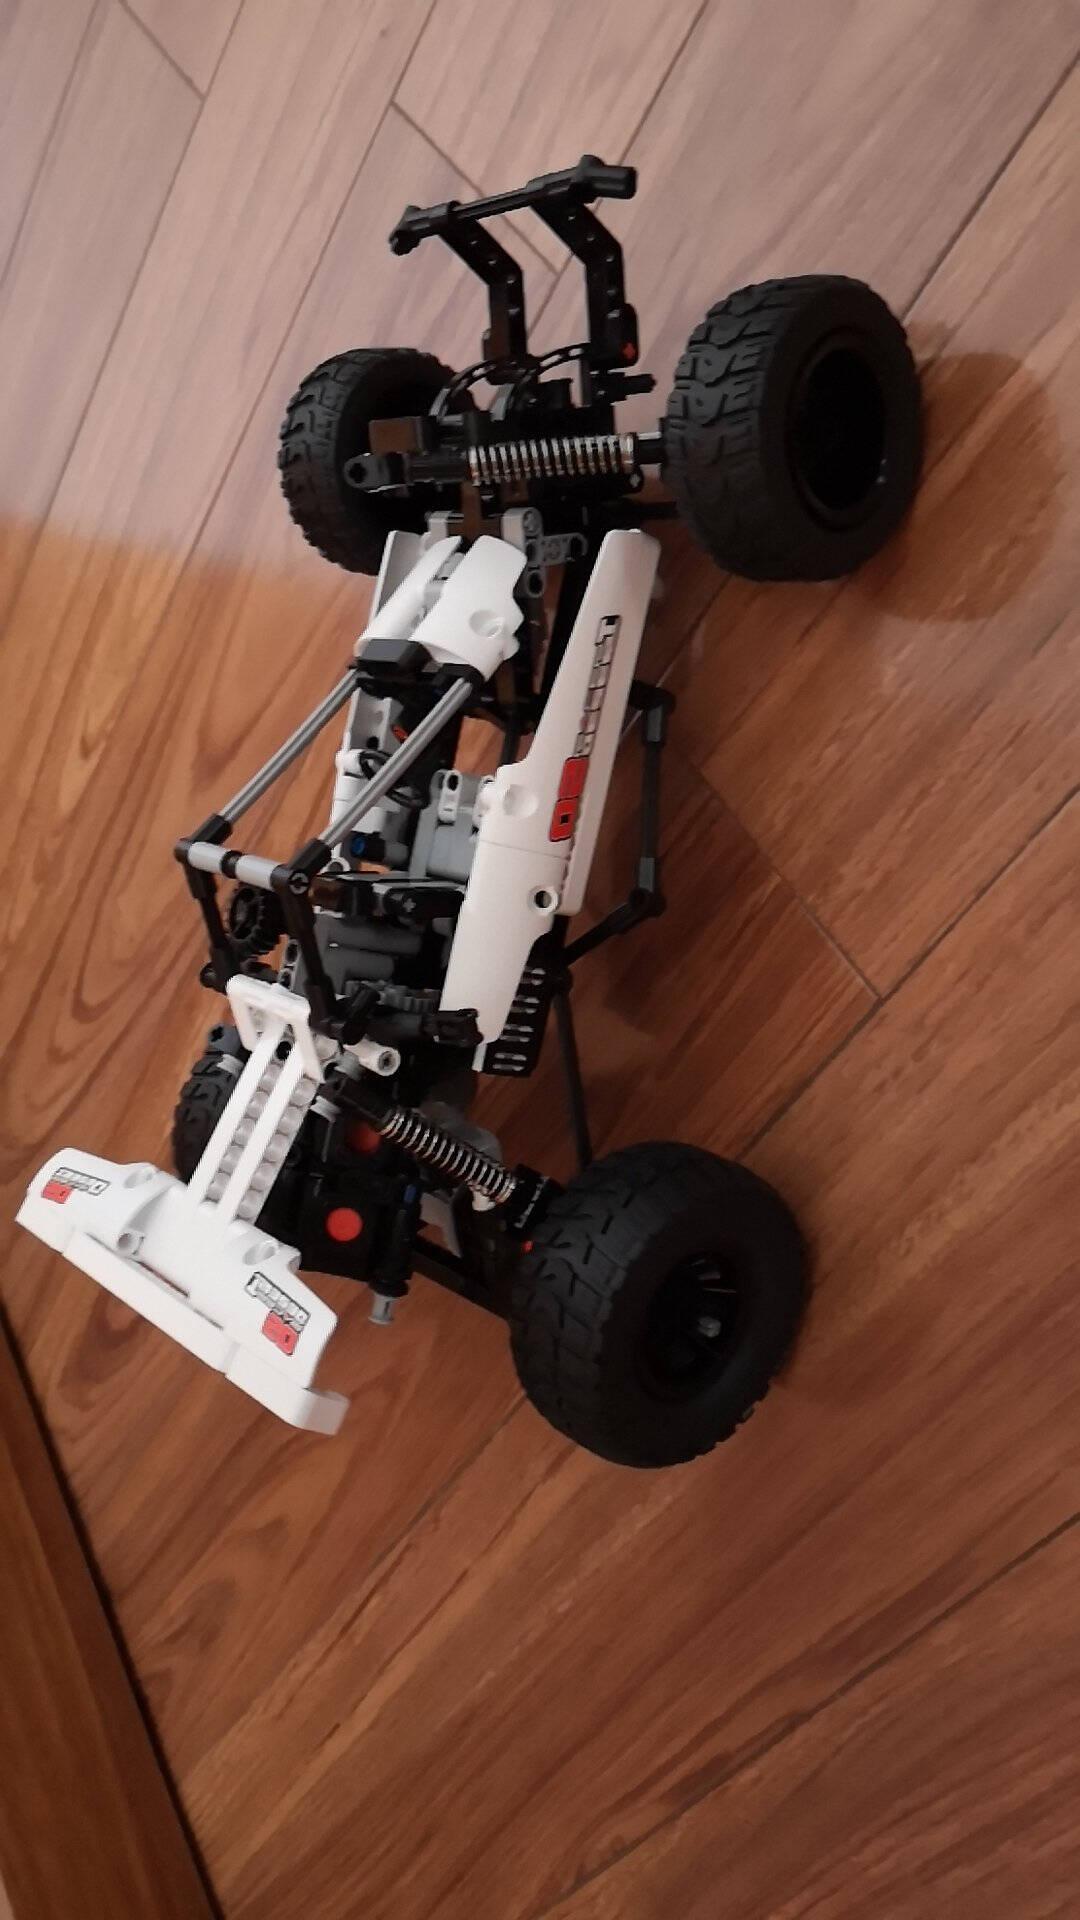 小米儿童玩具积木早教益智机器人儿童益智开发拼装沙漠赛车